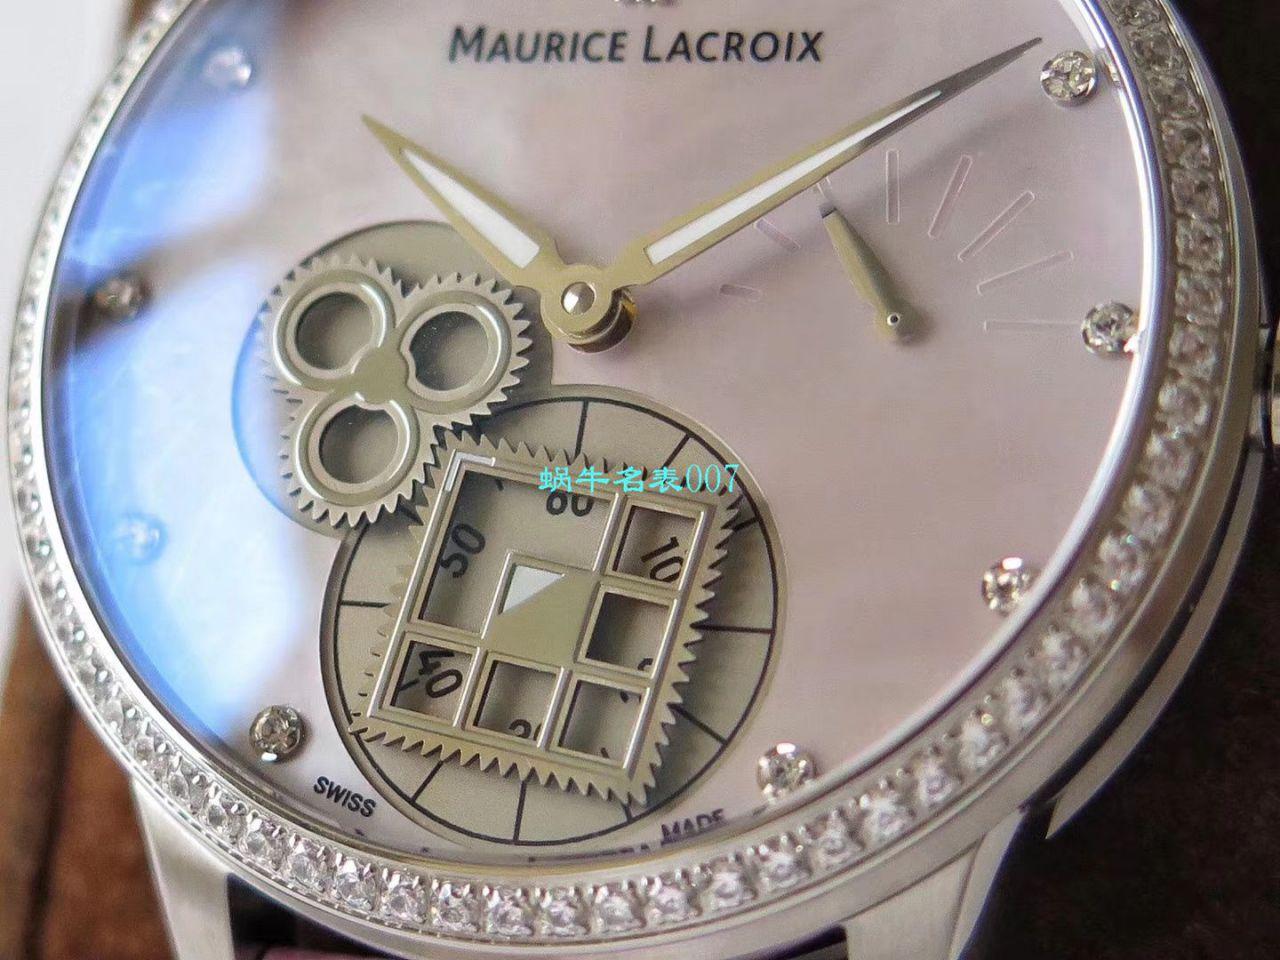 【视频评测AM厂Maurice Lacroix复刻手表】艾美匠心系列MP7158-SD501-570腕表